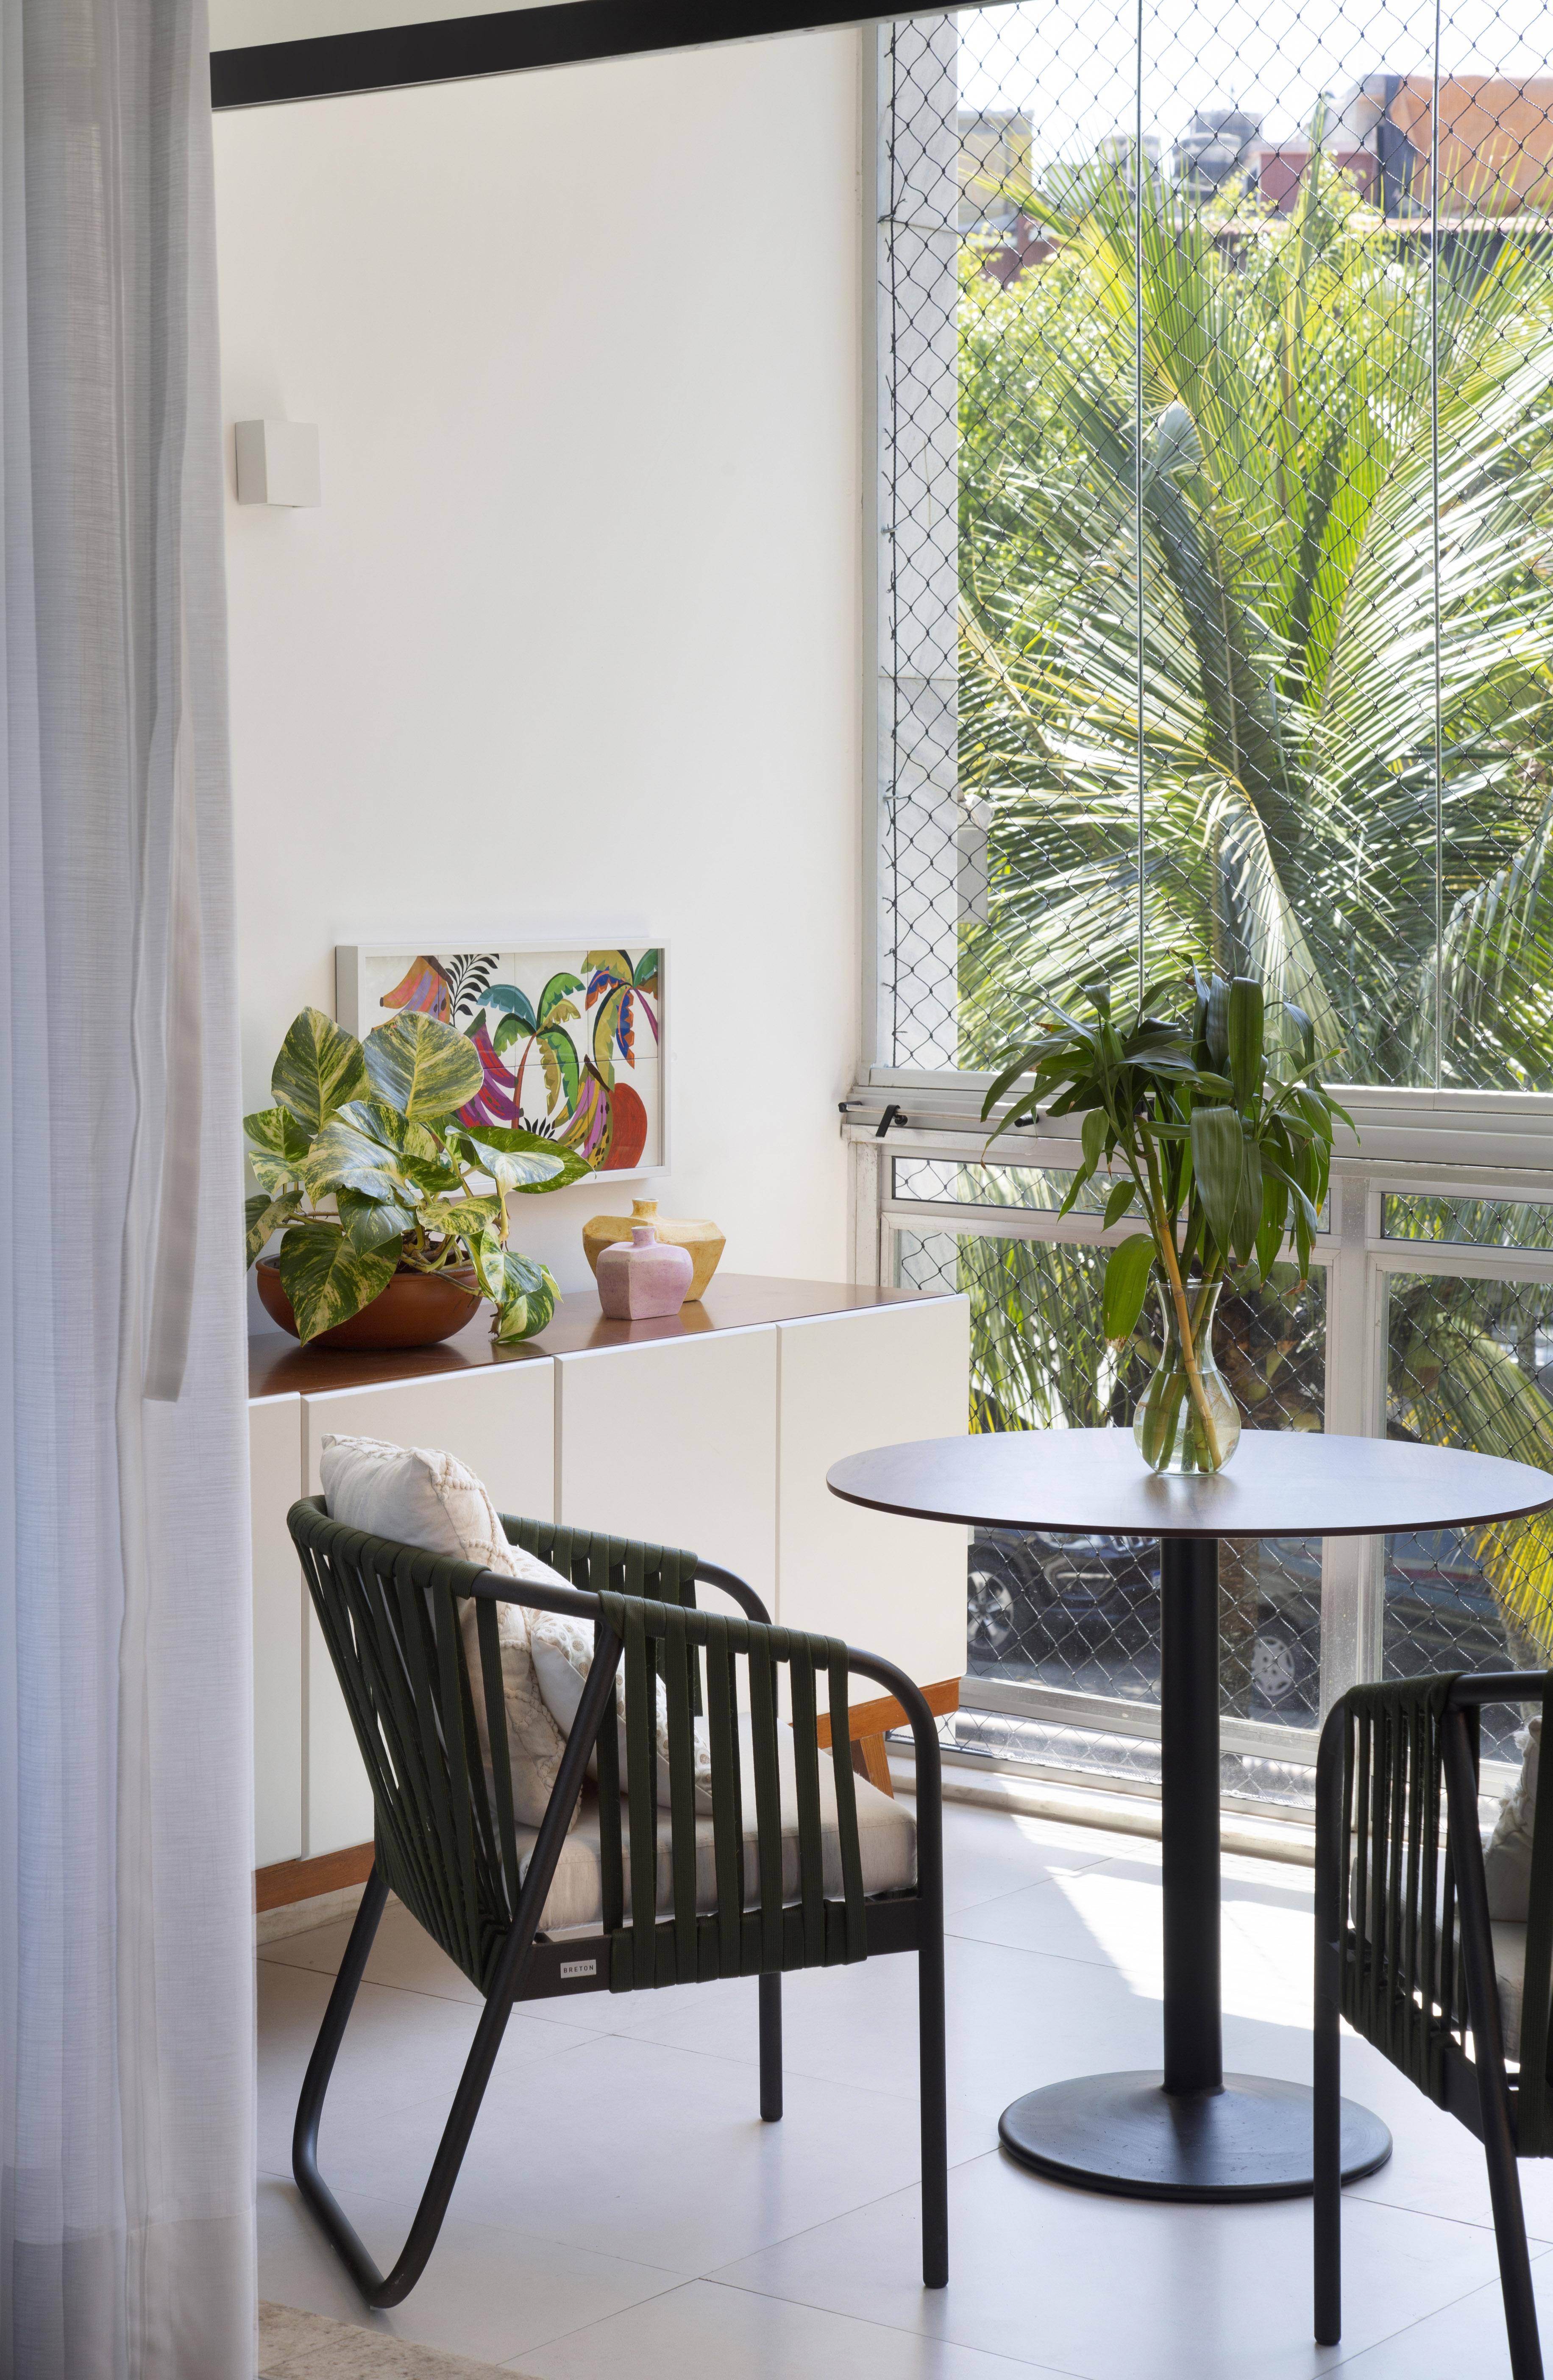 Varanda com muita iluminação natural, uma mesa e duas cadeiras pretas e algumas plantas